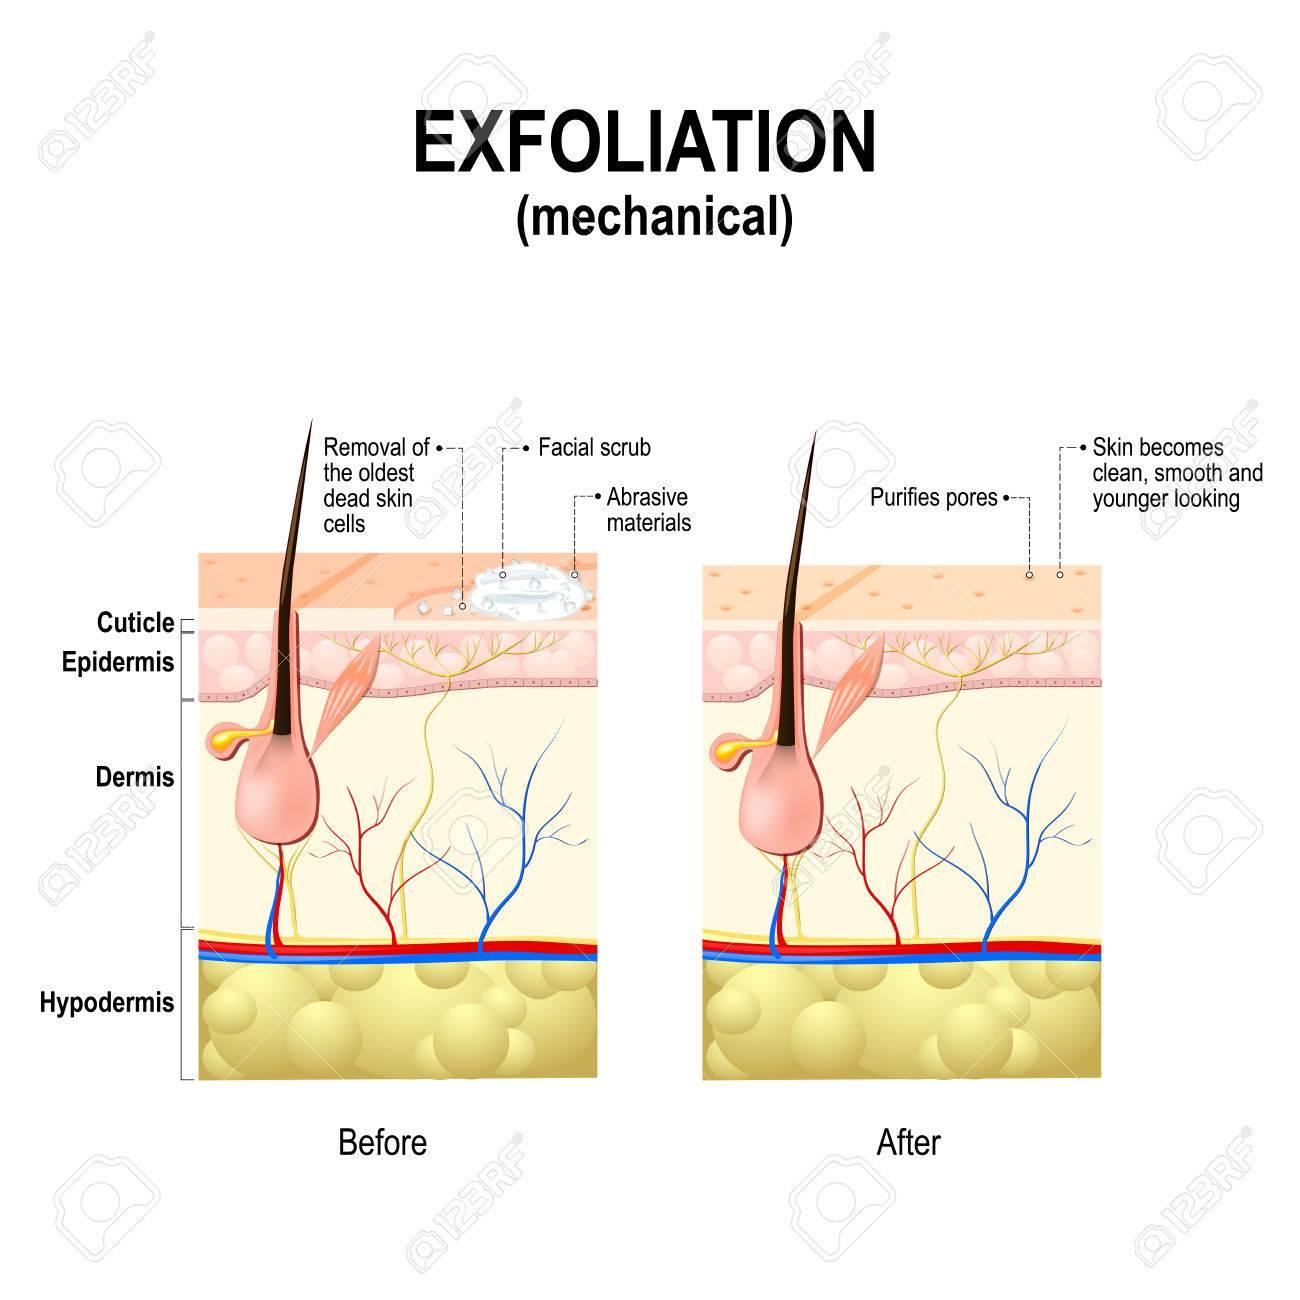 vente en magasin une autre chance mieux choisir Exfoliation ou Peeling est une procédure cosmétique (épuration physique)  pour éliminer les impuretés de la peau, désobstruer les pores et exfolier  les ...